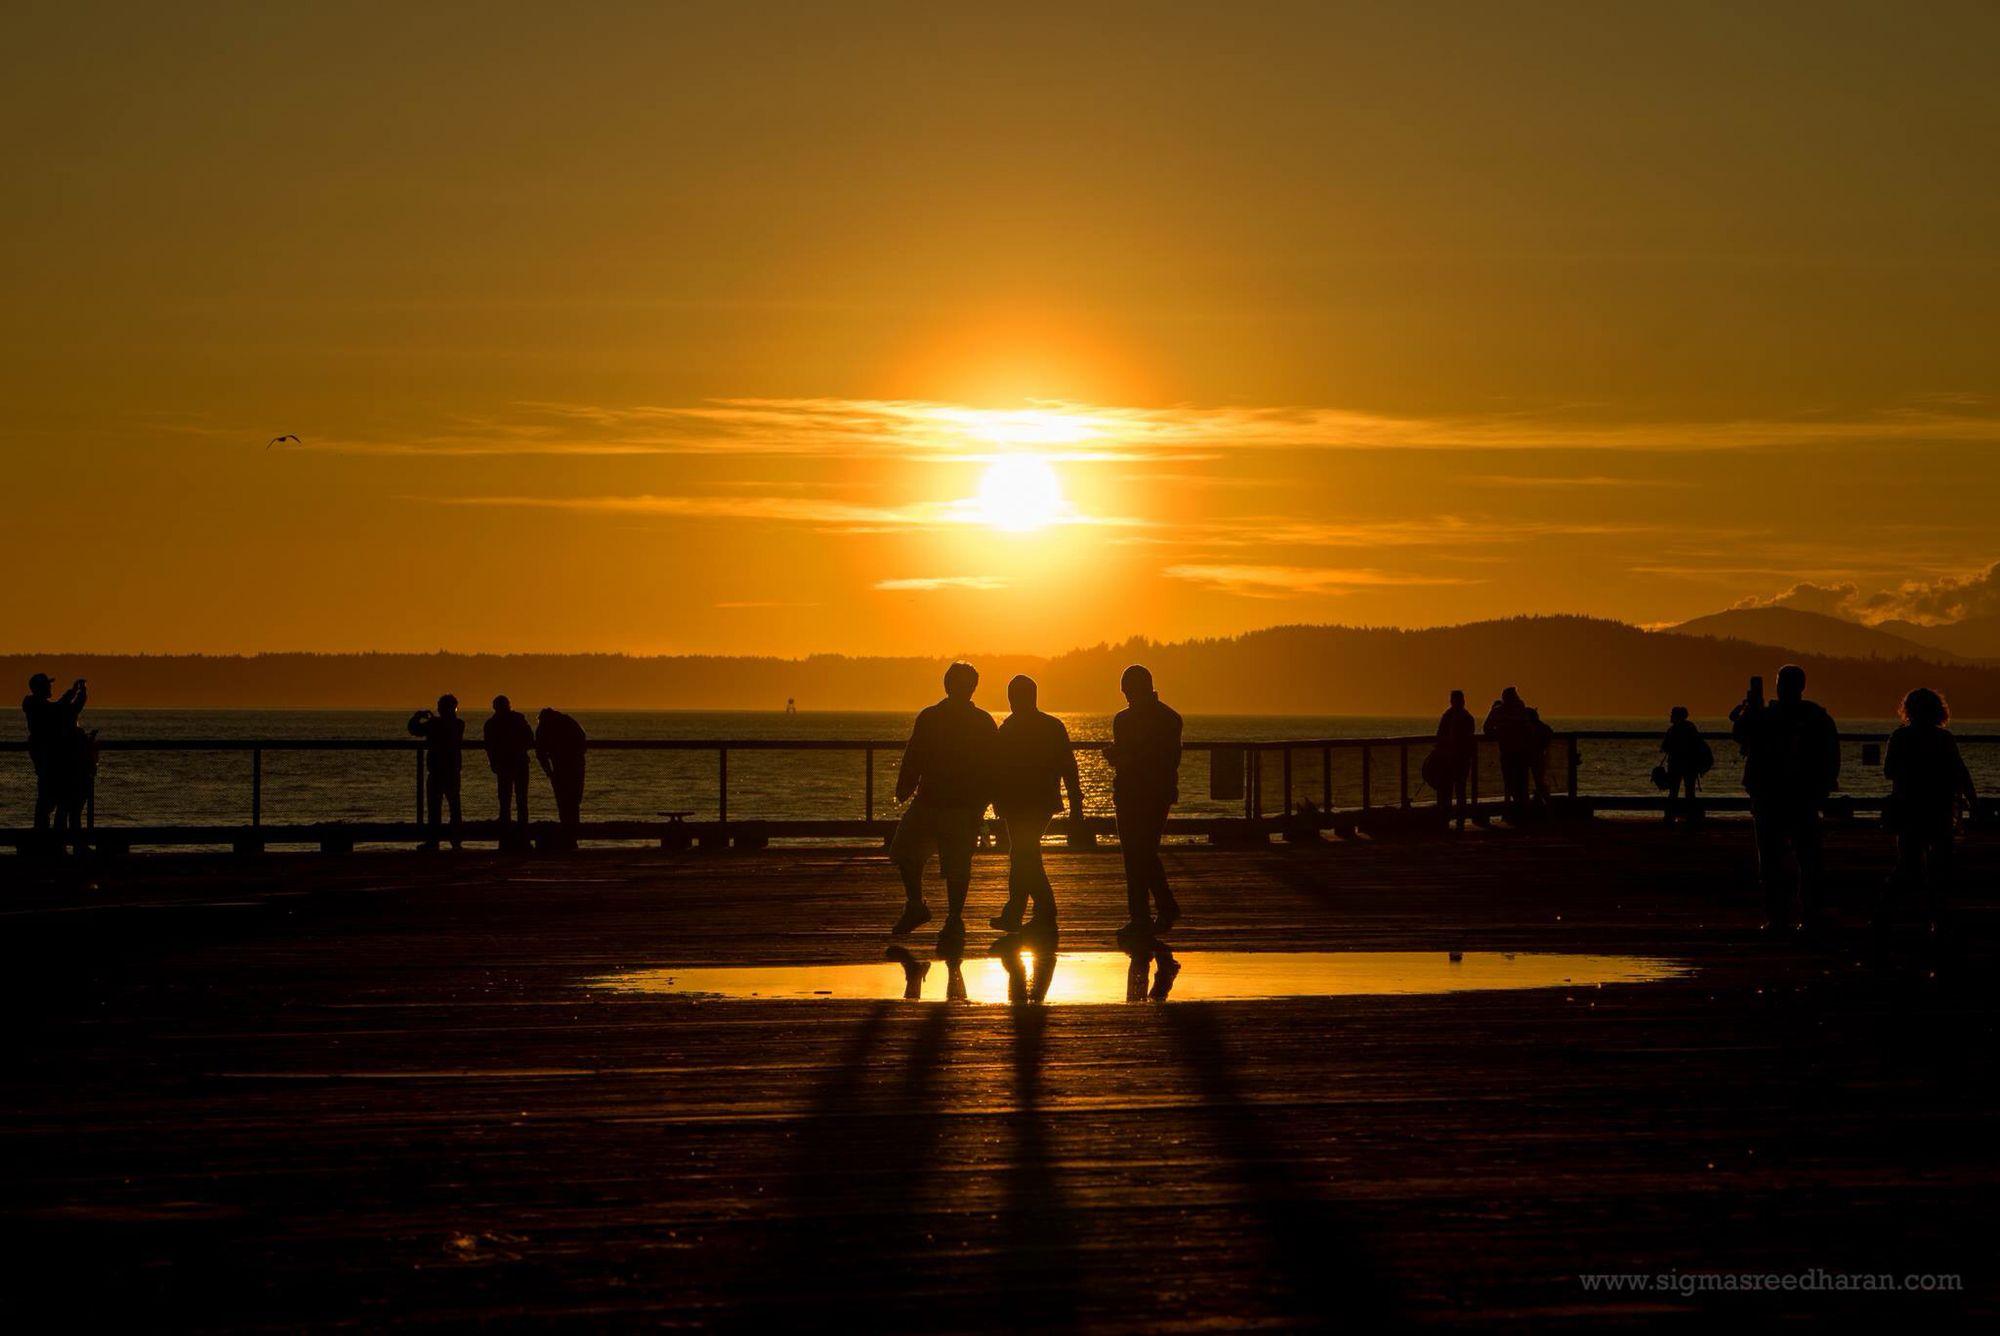 Seattle Waterfront sunset, 2/21/2015 (Sigma Sreedharan Photography)